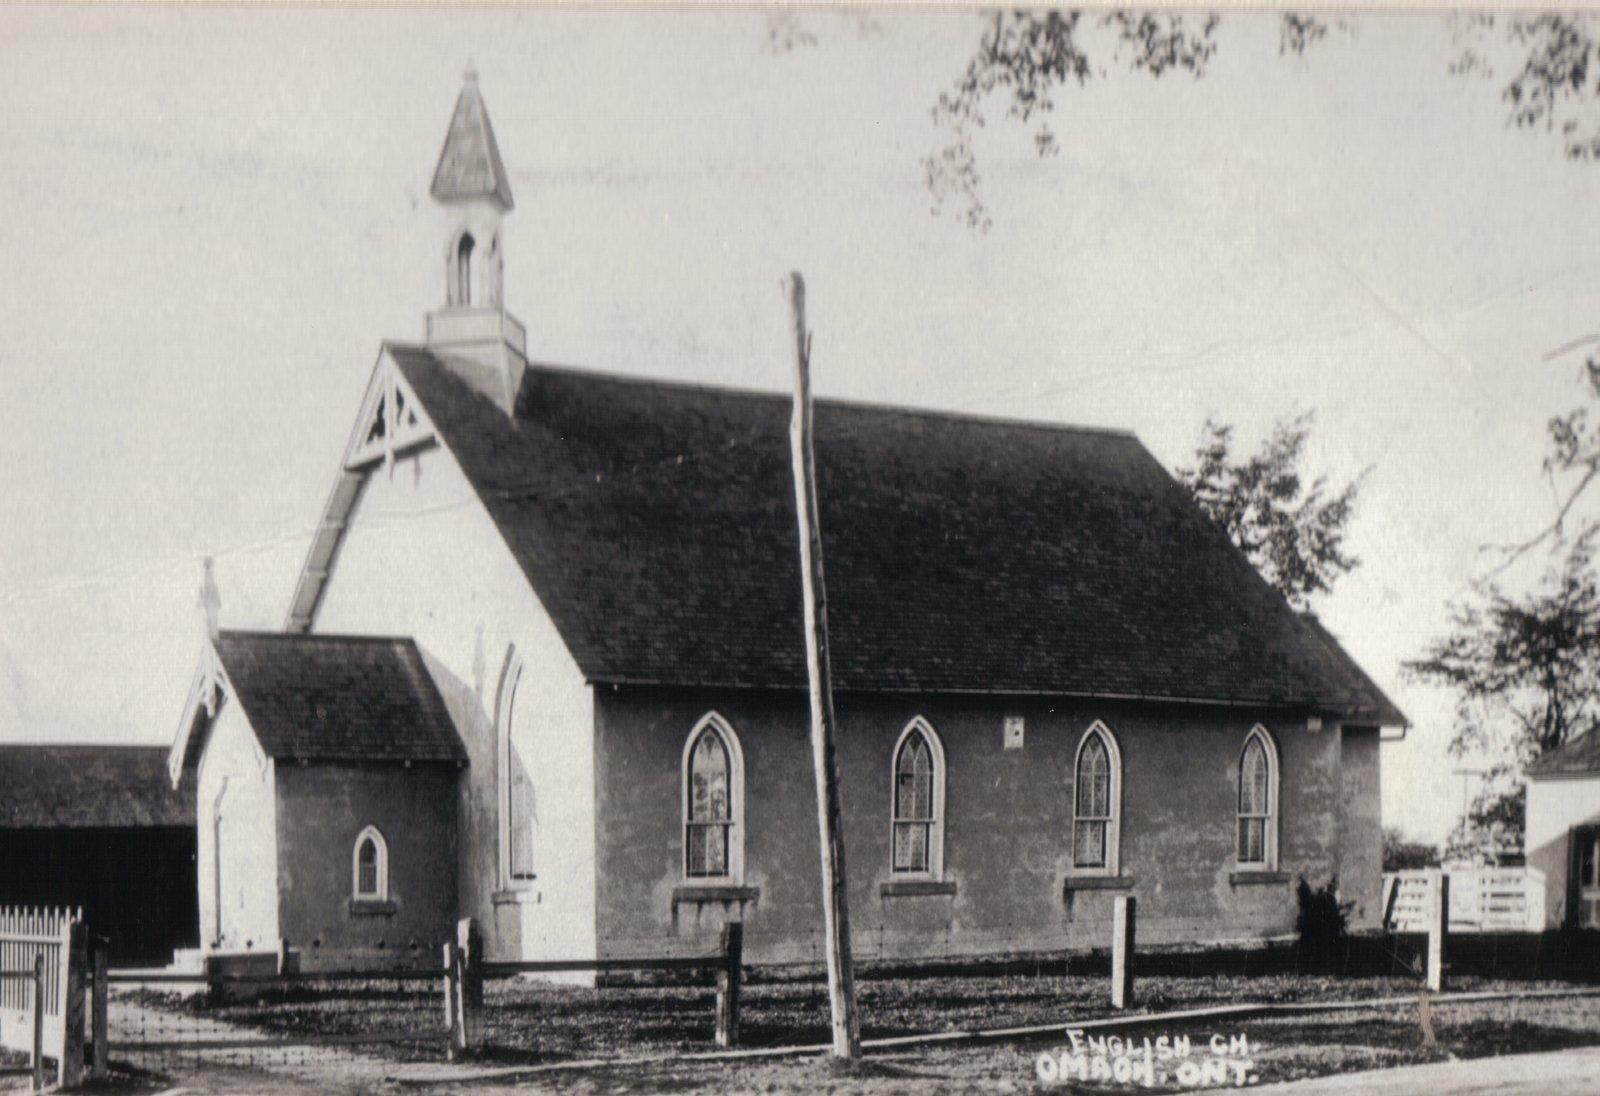 Anglican church, Omagh, Halton County, Ontario